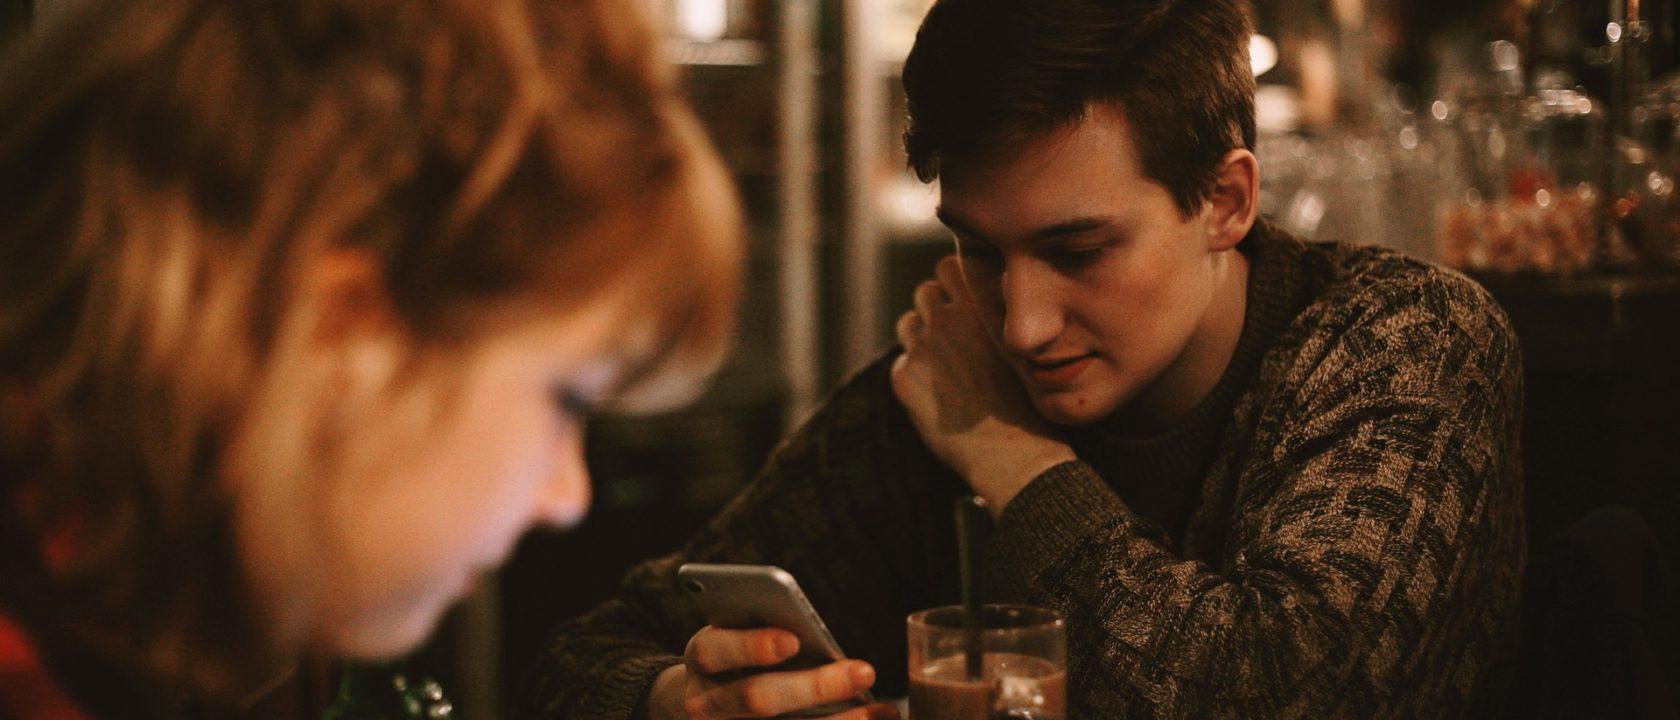 Genç bir adam barda oturmuş telefonuna bakıyor.